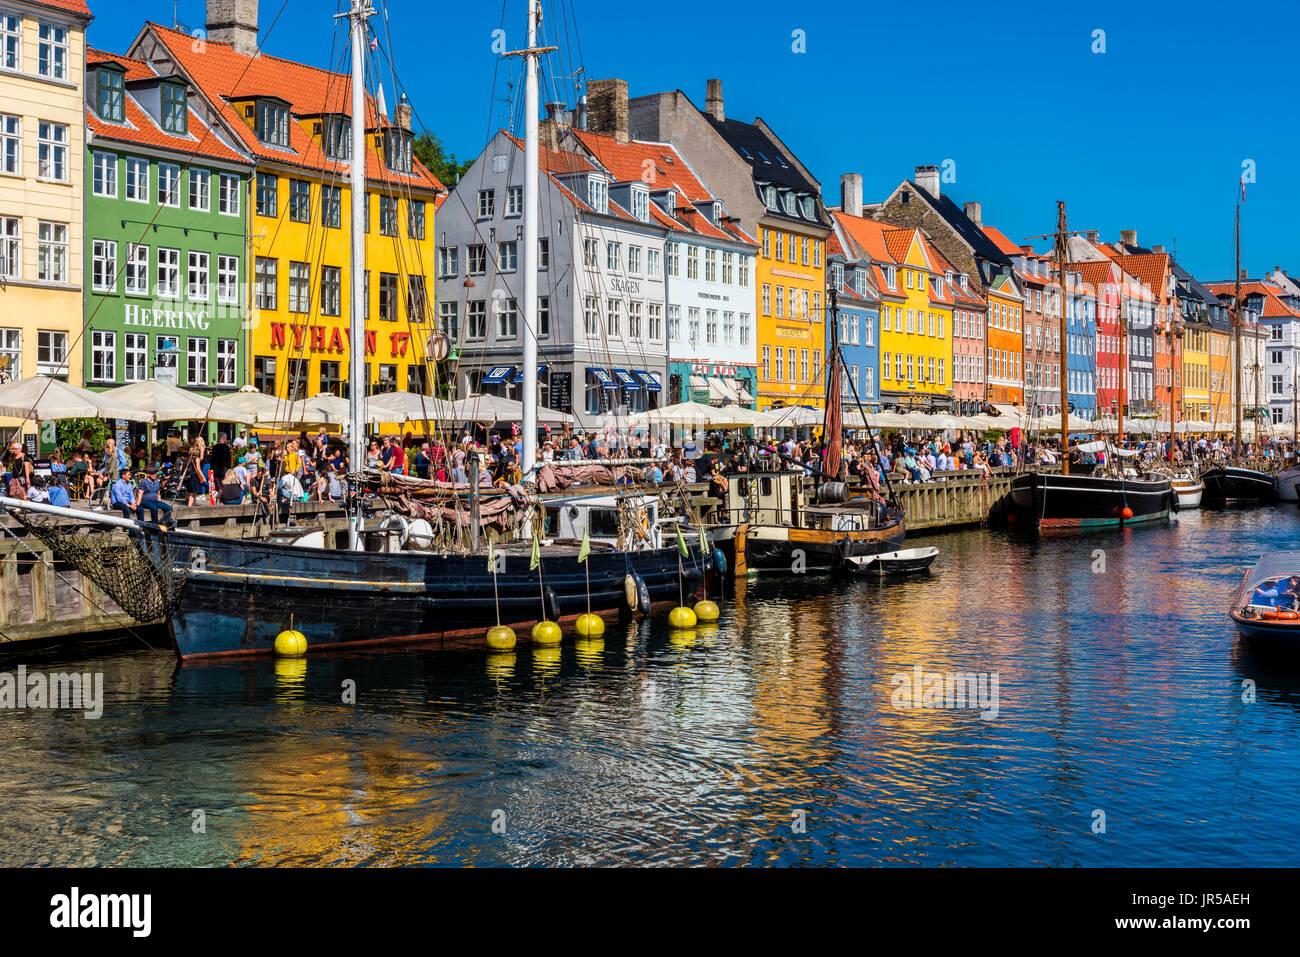 Nyhavn Hafen und Promenade in Kopenhagen, Dänemark. Nyhavn ist das berühmteste Wahrzeichen von Kopenhagen. Stockbild